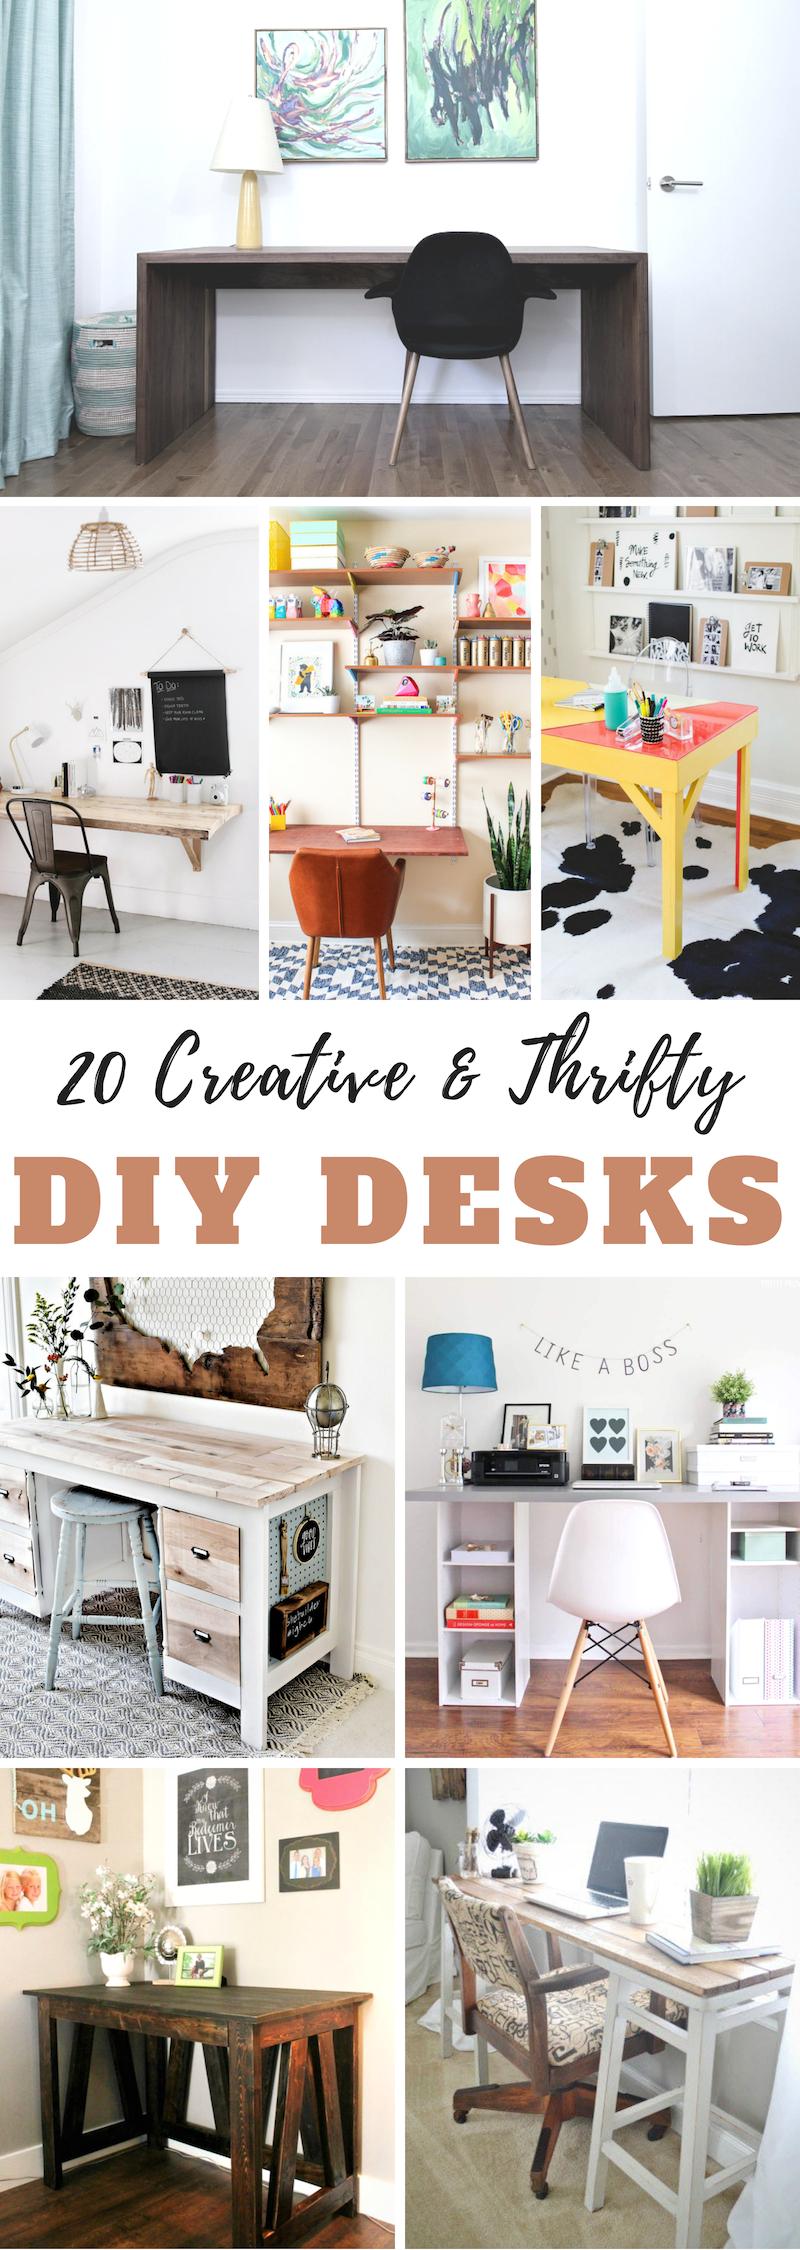 DIY Desks